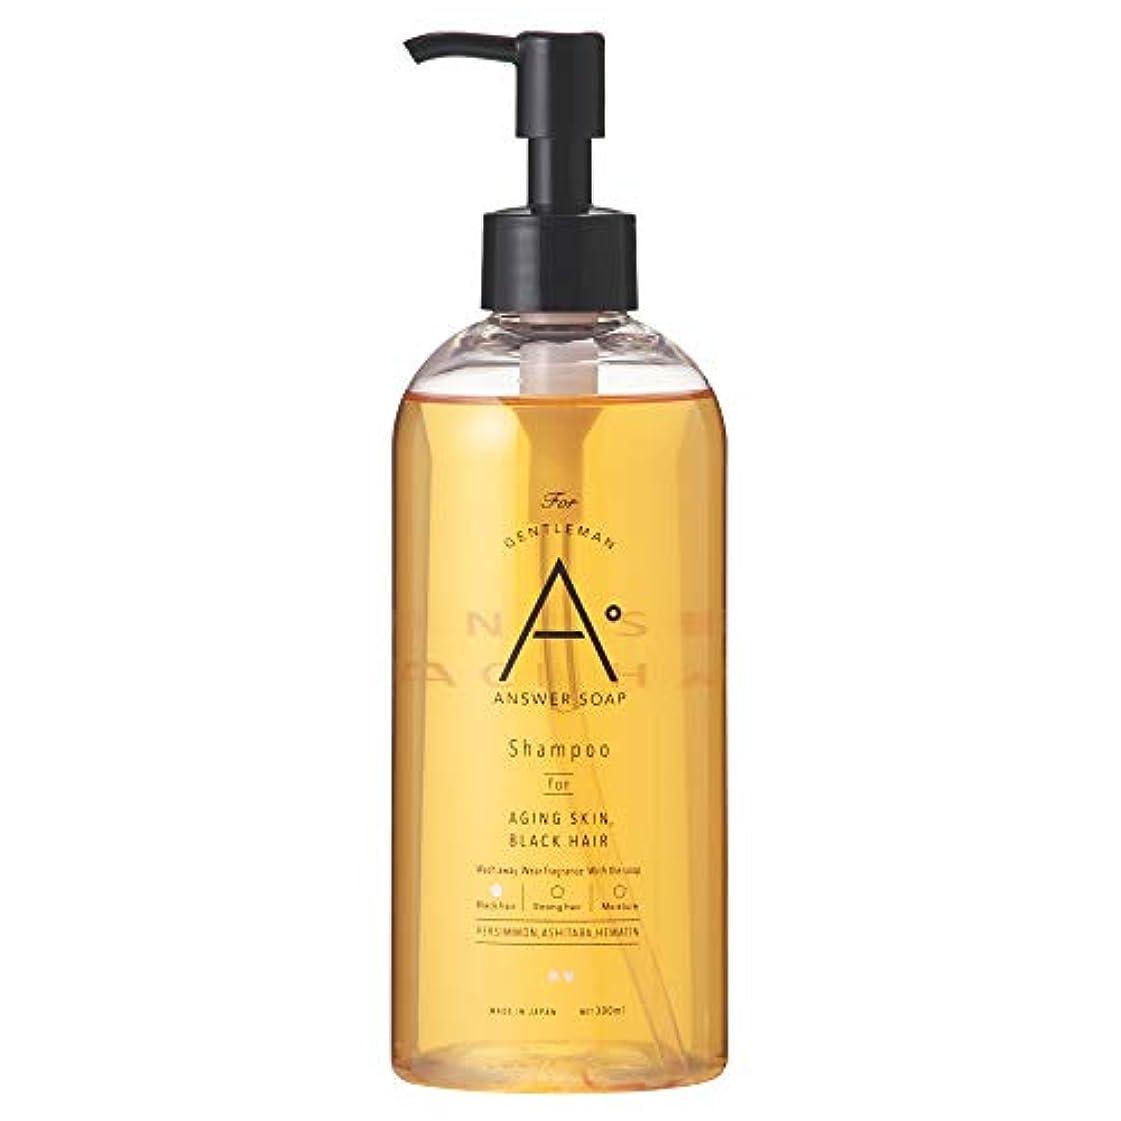 積分平和伝記ANSWER SOAP(アンサーソープ)シャンプー 黒髪 300mL